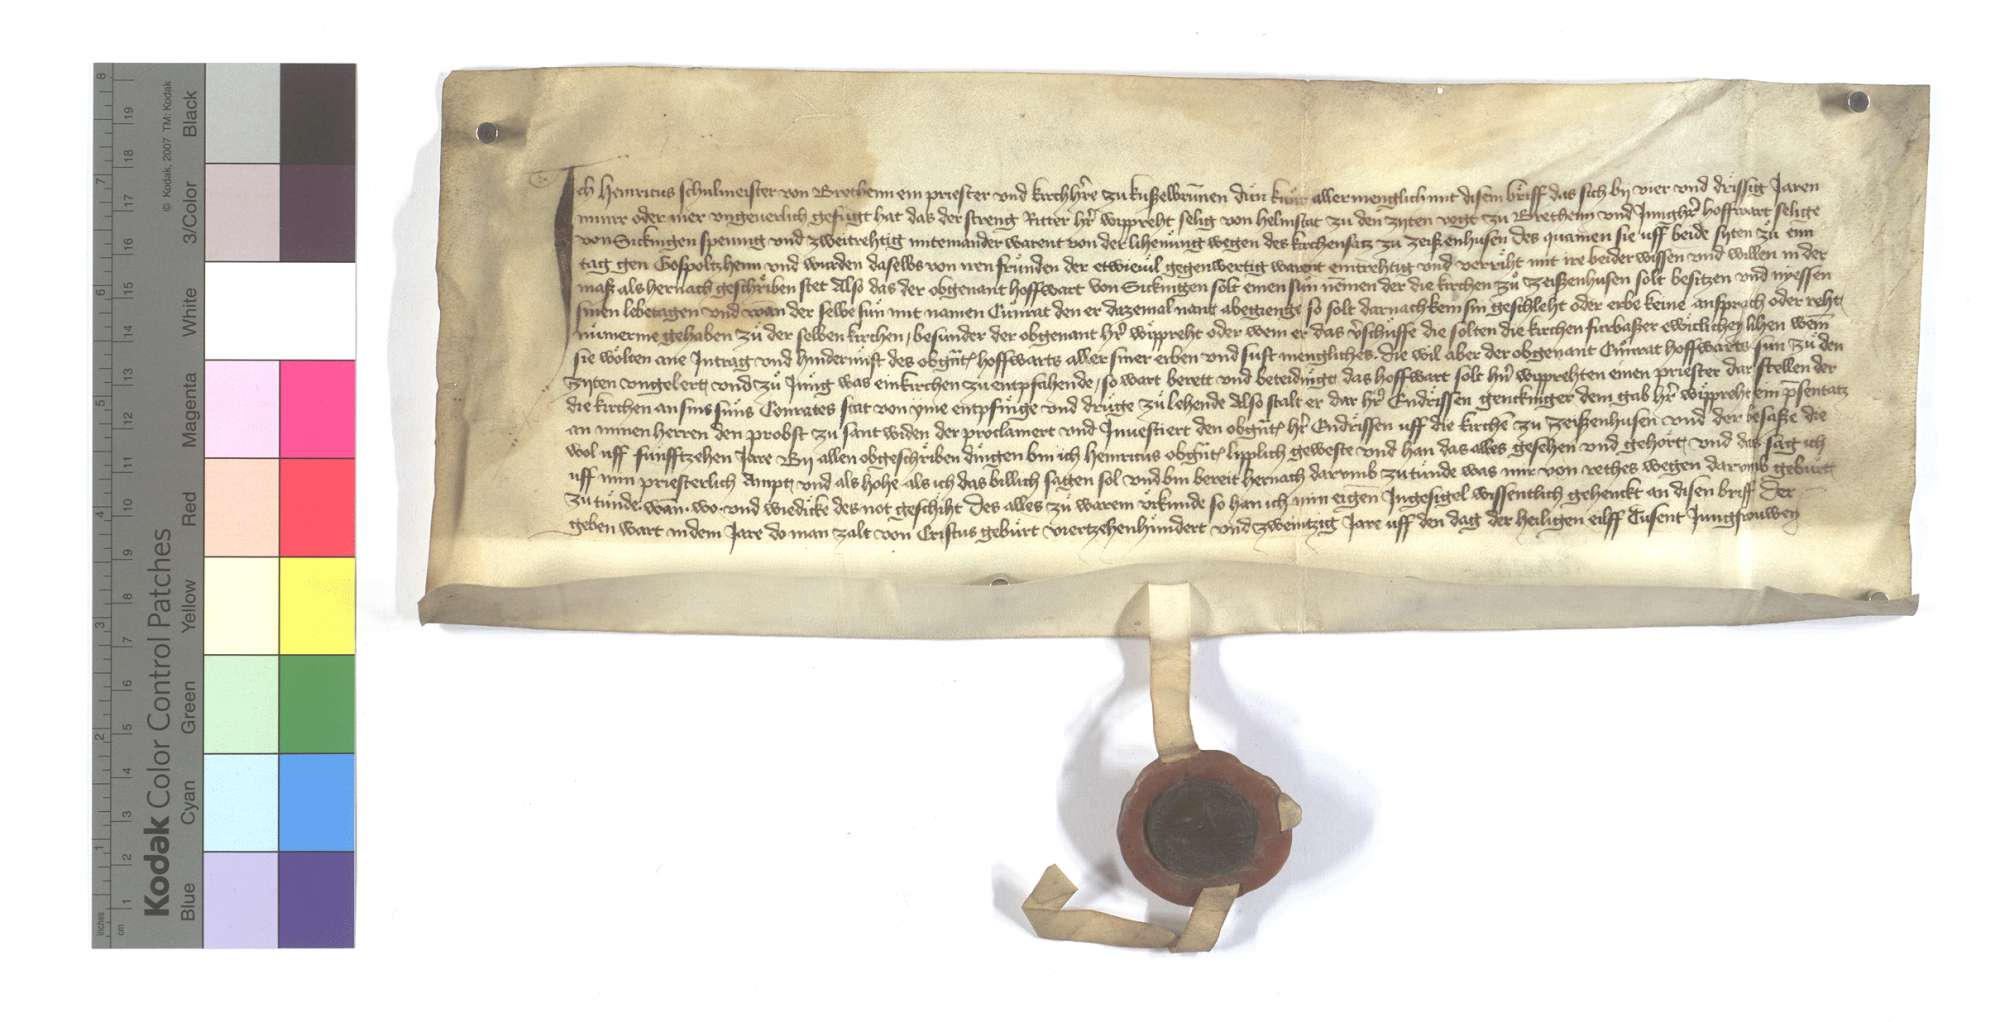 Kundschaft des Kirchherrn von Kieselbronn (Kießelbrunnen) wegen Leihung des Kirchensatzes in Zaisenhausen., Text